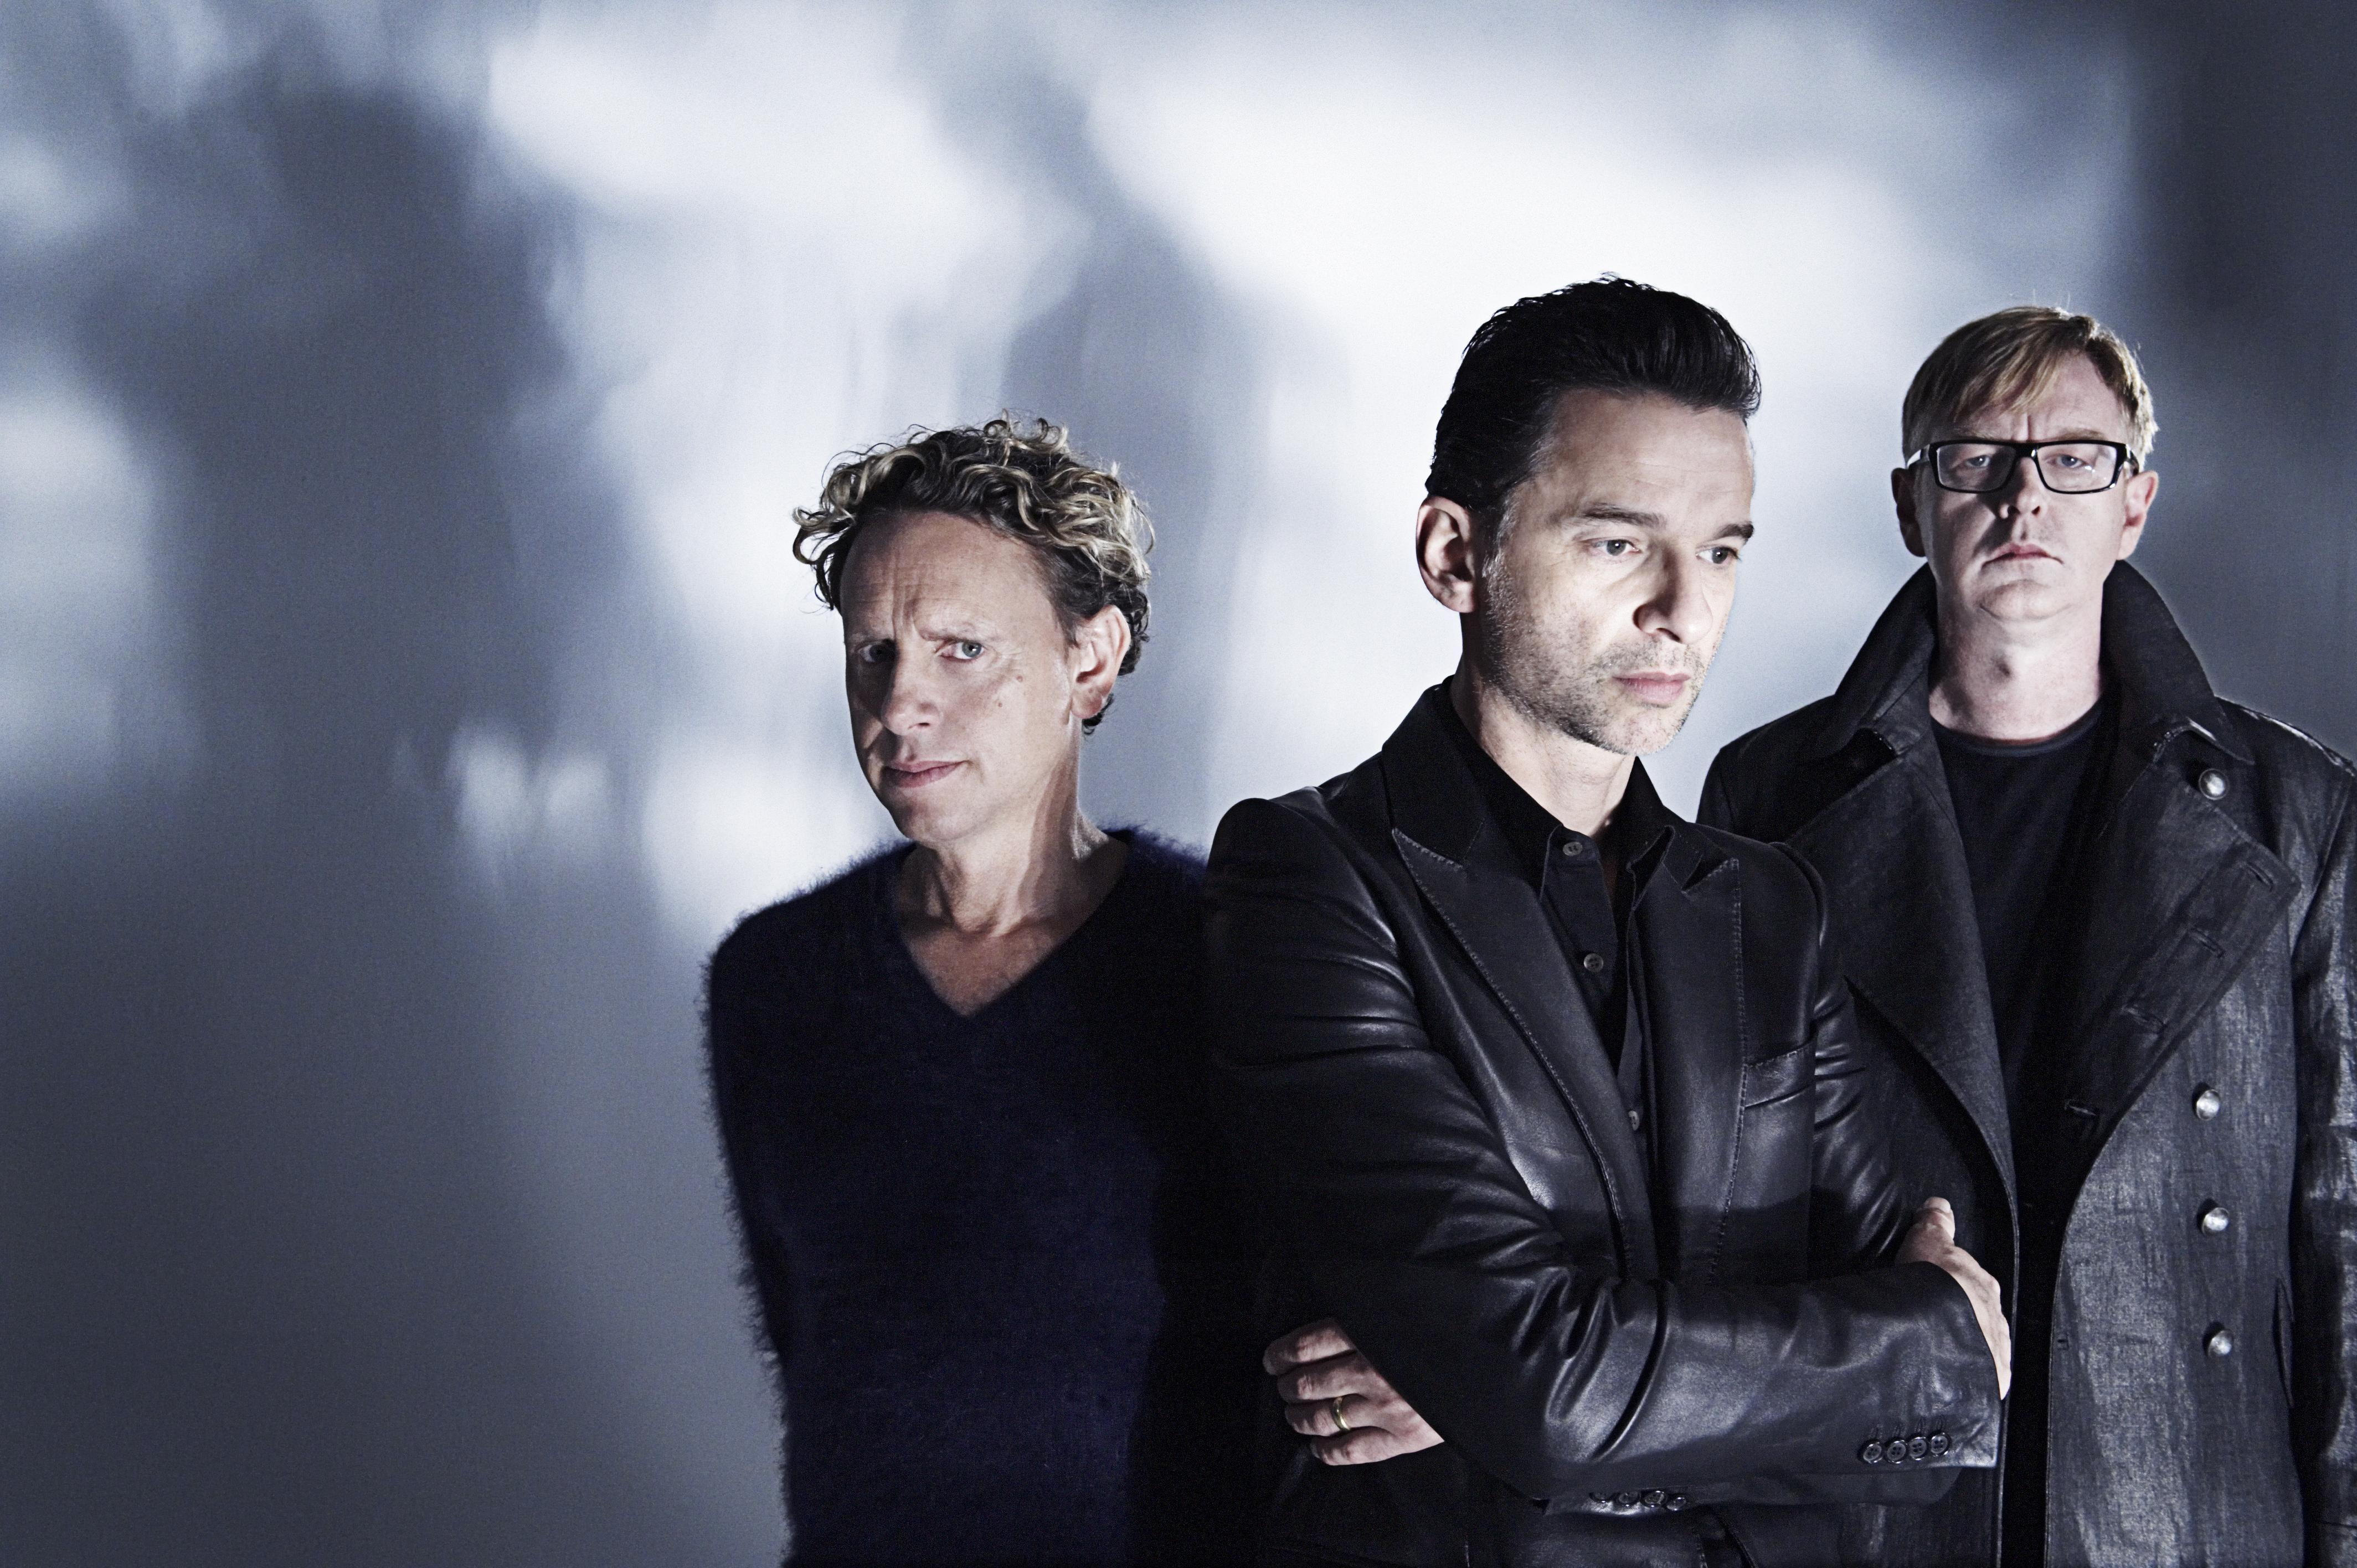 celebrity photo depeche mode depeche mode photo 320936 1 vote